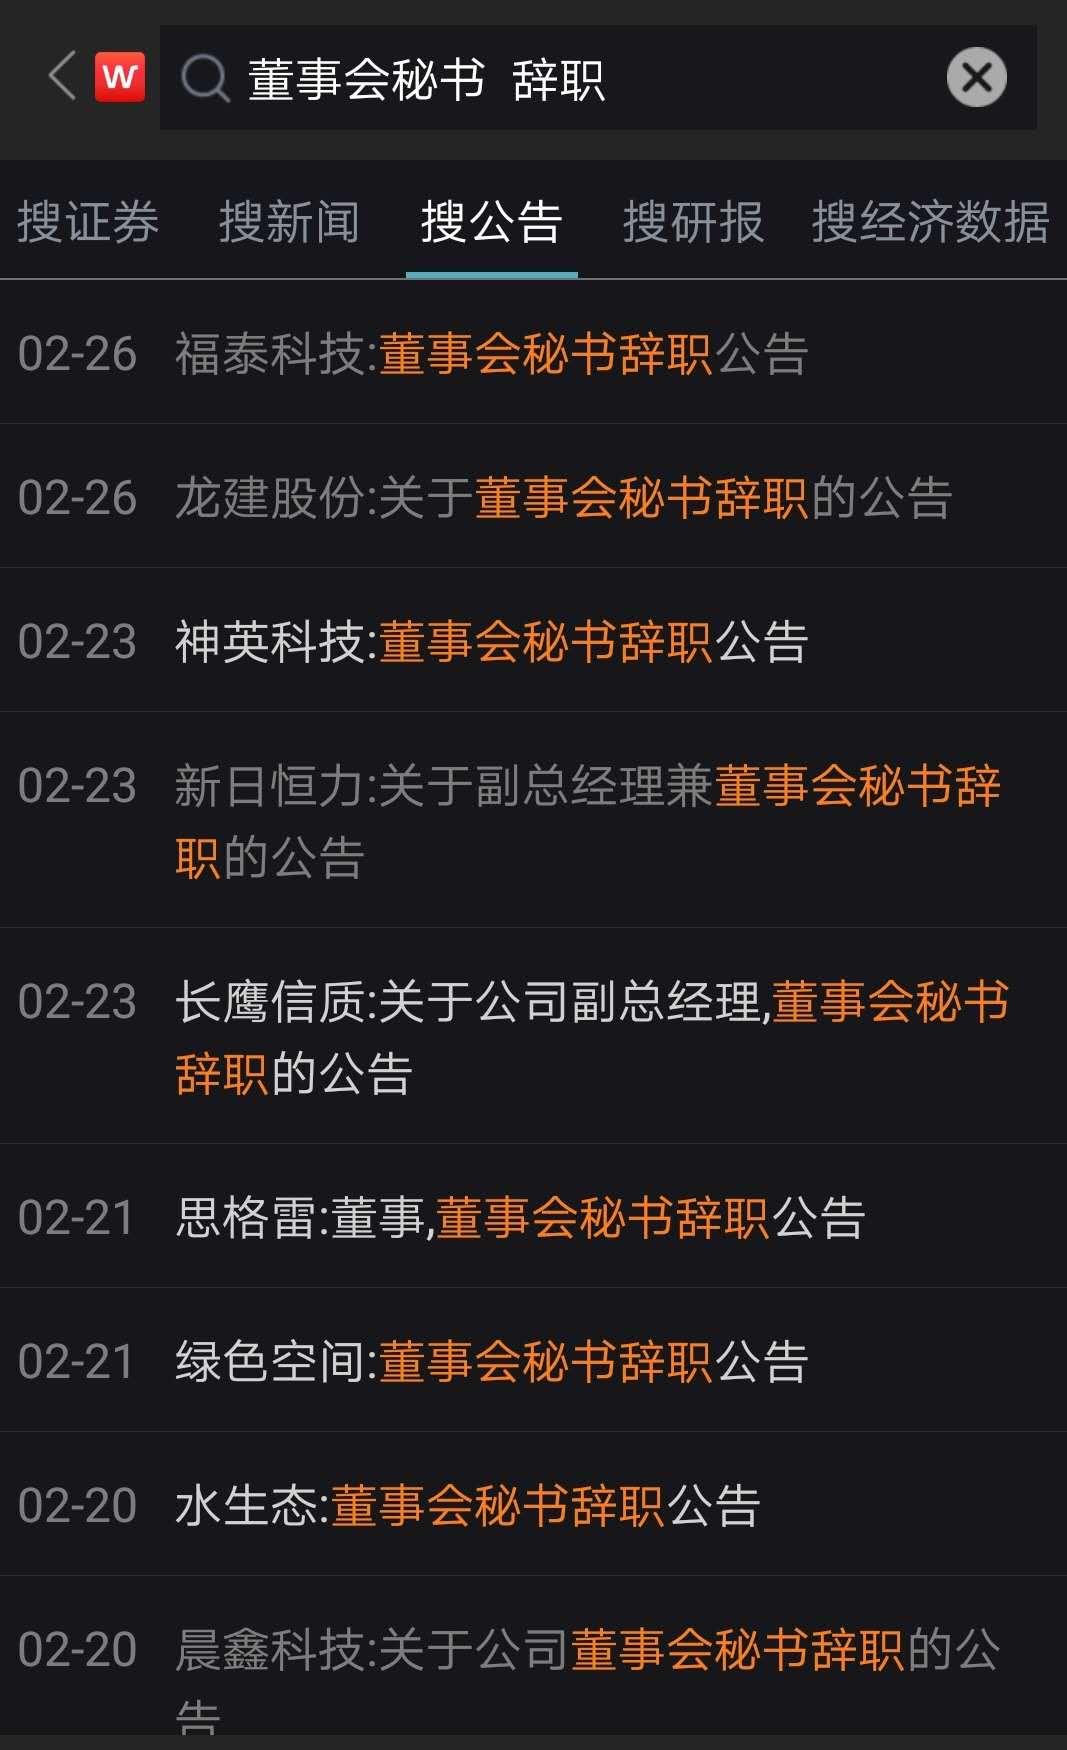 部分董秘辞职公告(资料来源:wind)